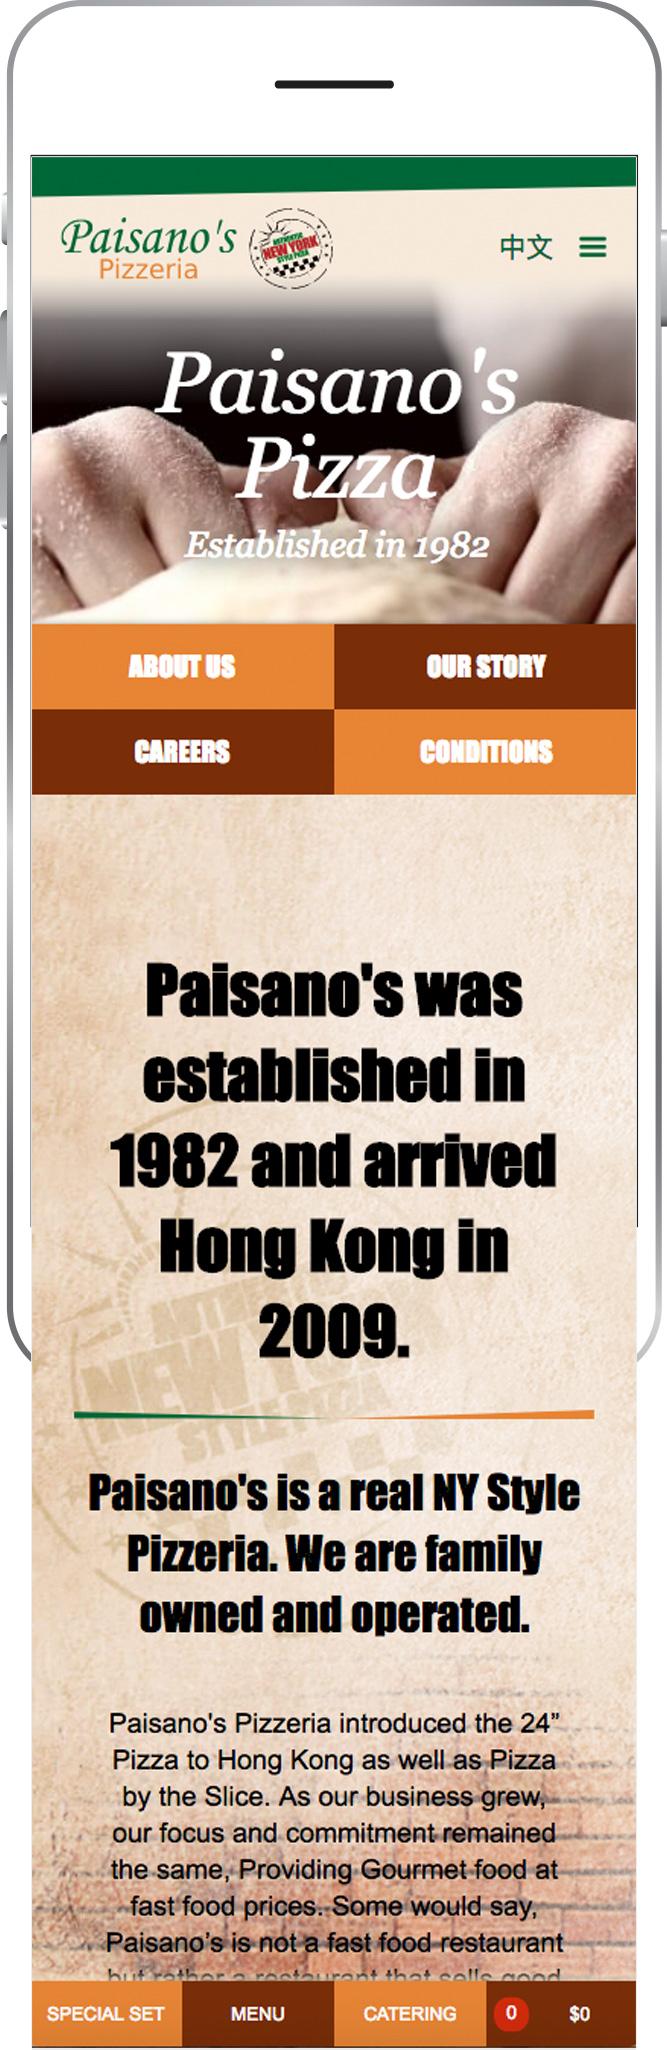 paisanos-detailpage-5.jpg